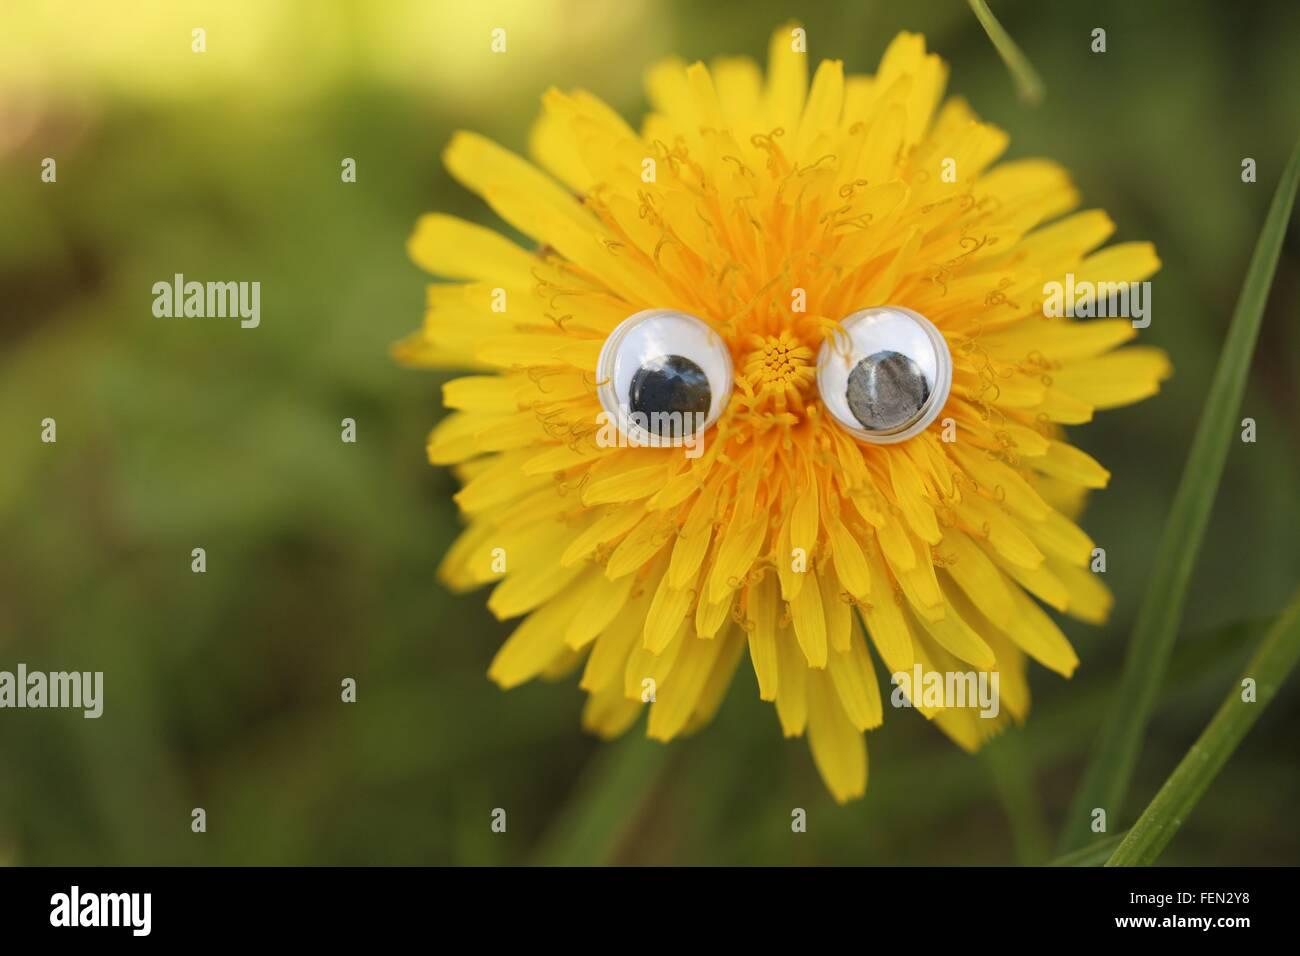 Ojos de plástico sobre la cabeza de la flor amarilla Imagen De Stock